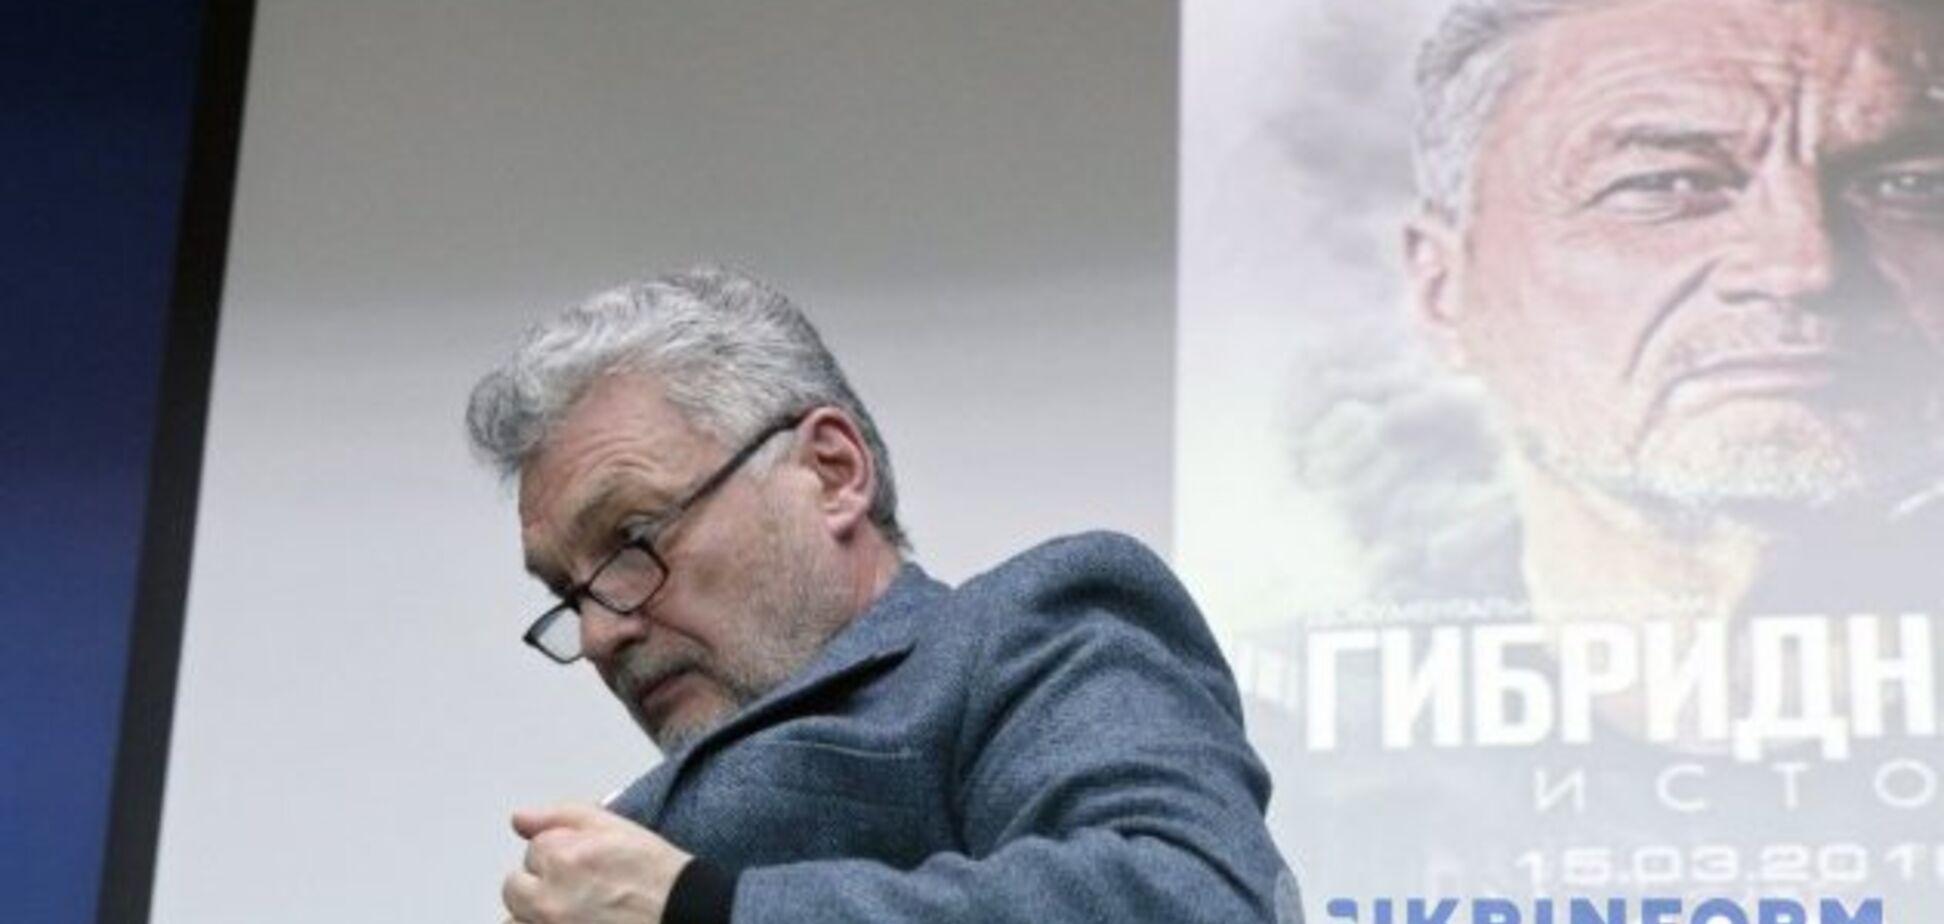 Названа дата премьеры фильма Лойко о гибридной войне в Украине